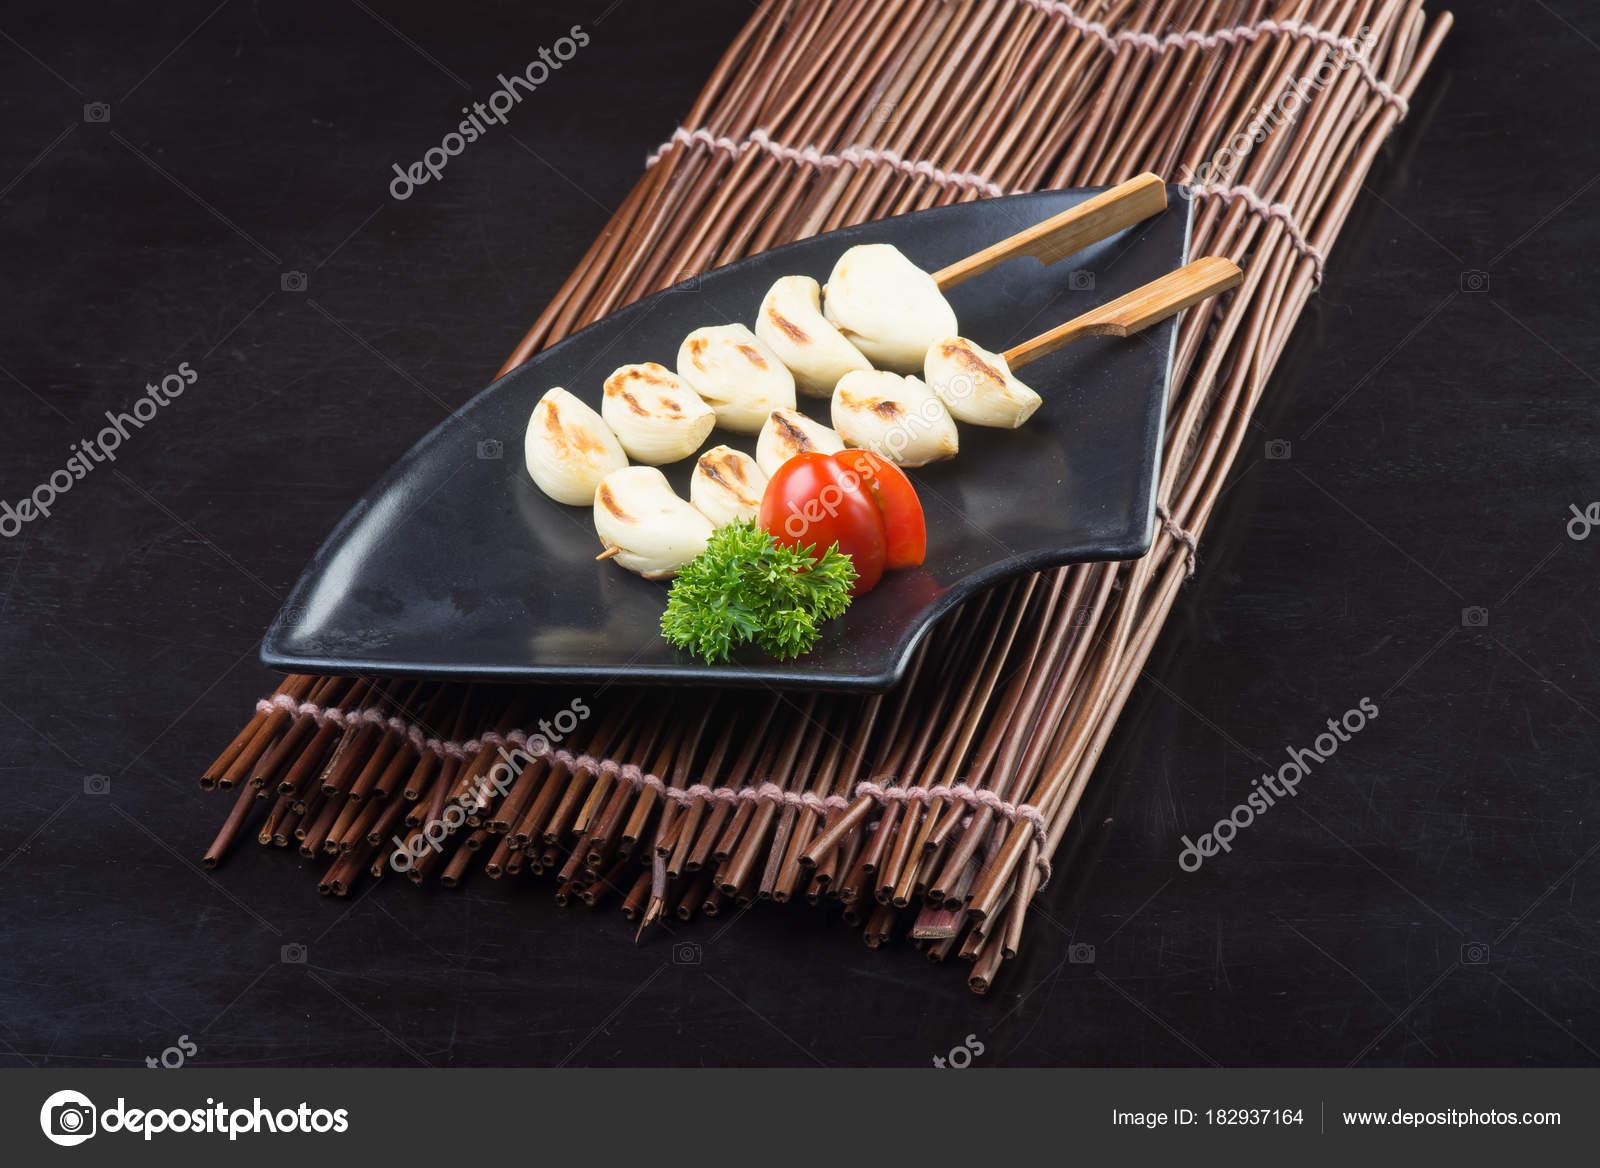 Outdoor Küche Aus Japan : Japanische küche. japanische bbq knoblauch auf dem hintergrund